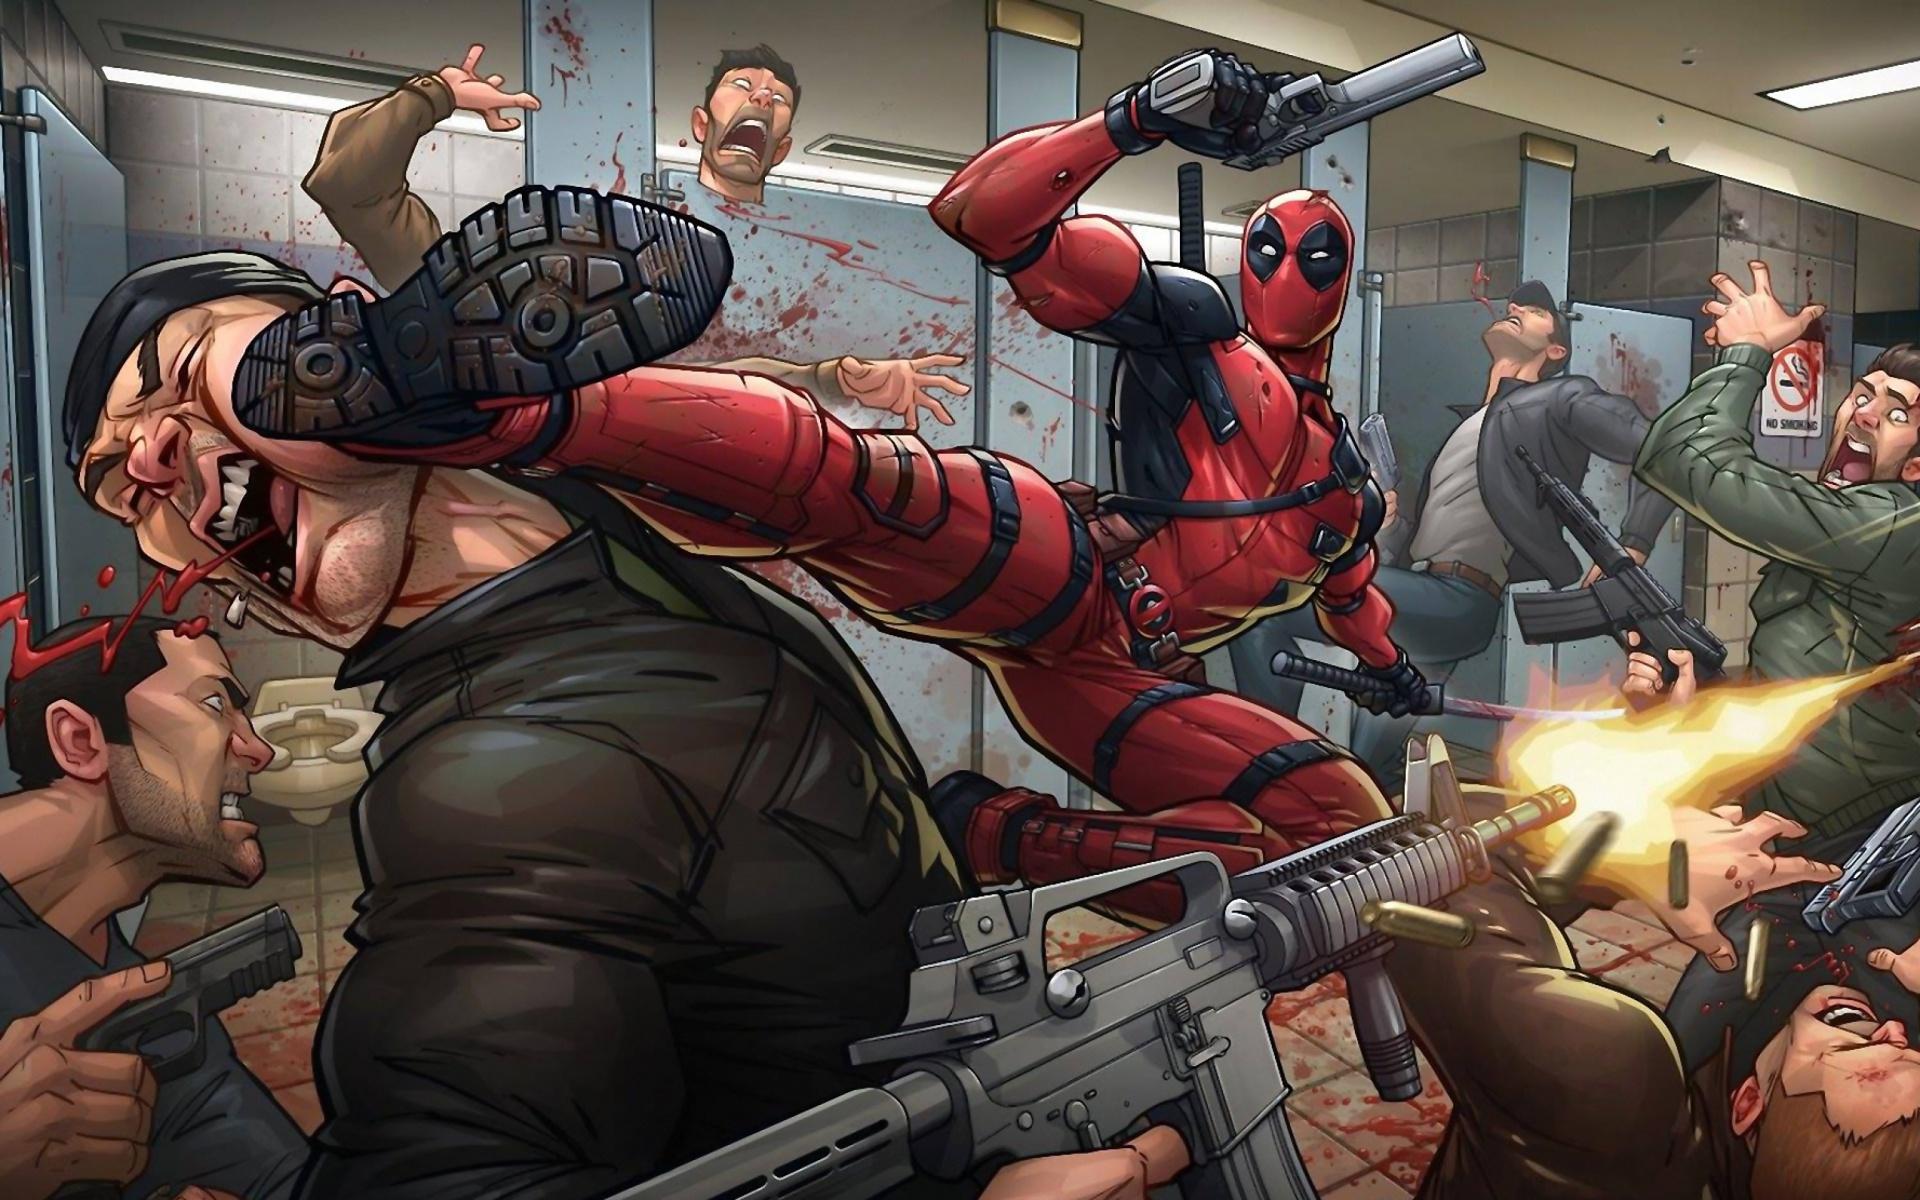 Fondos De Pantalla De Deadpool: Fondos De Pantalla Gratis Para Widescreen